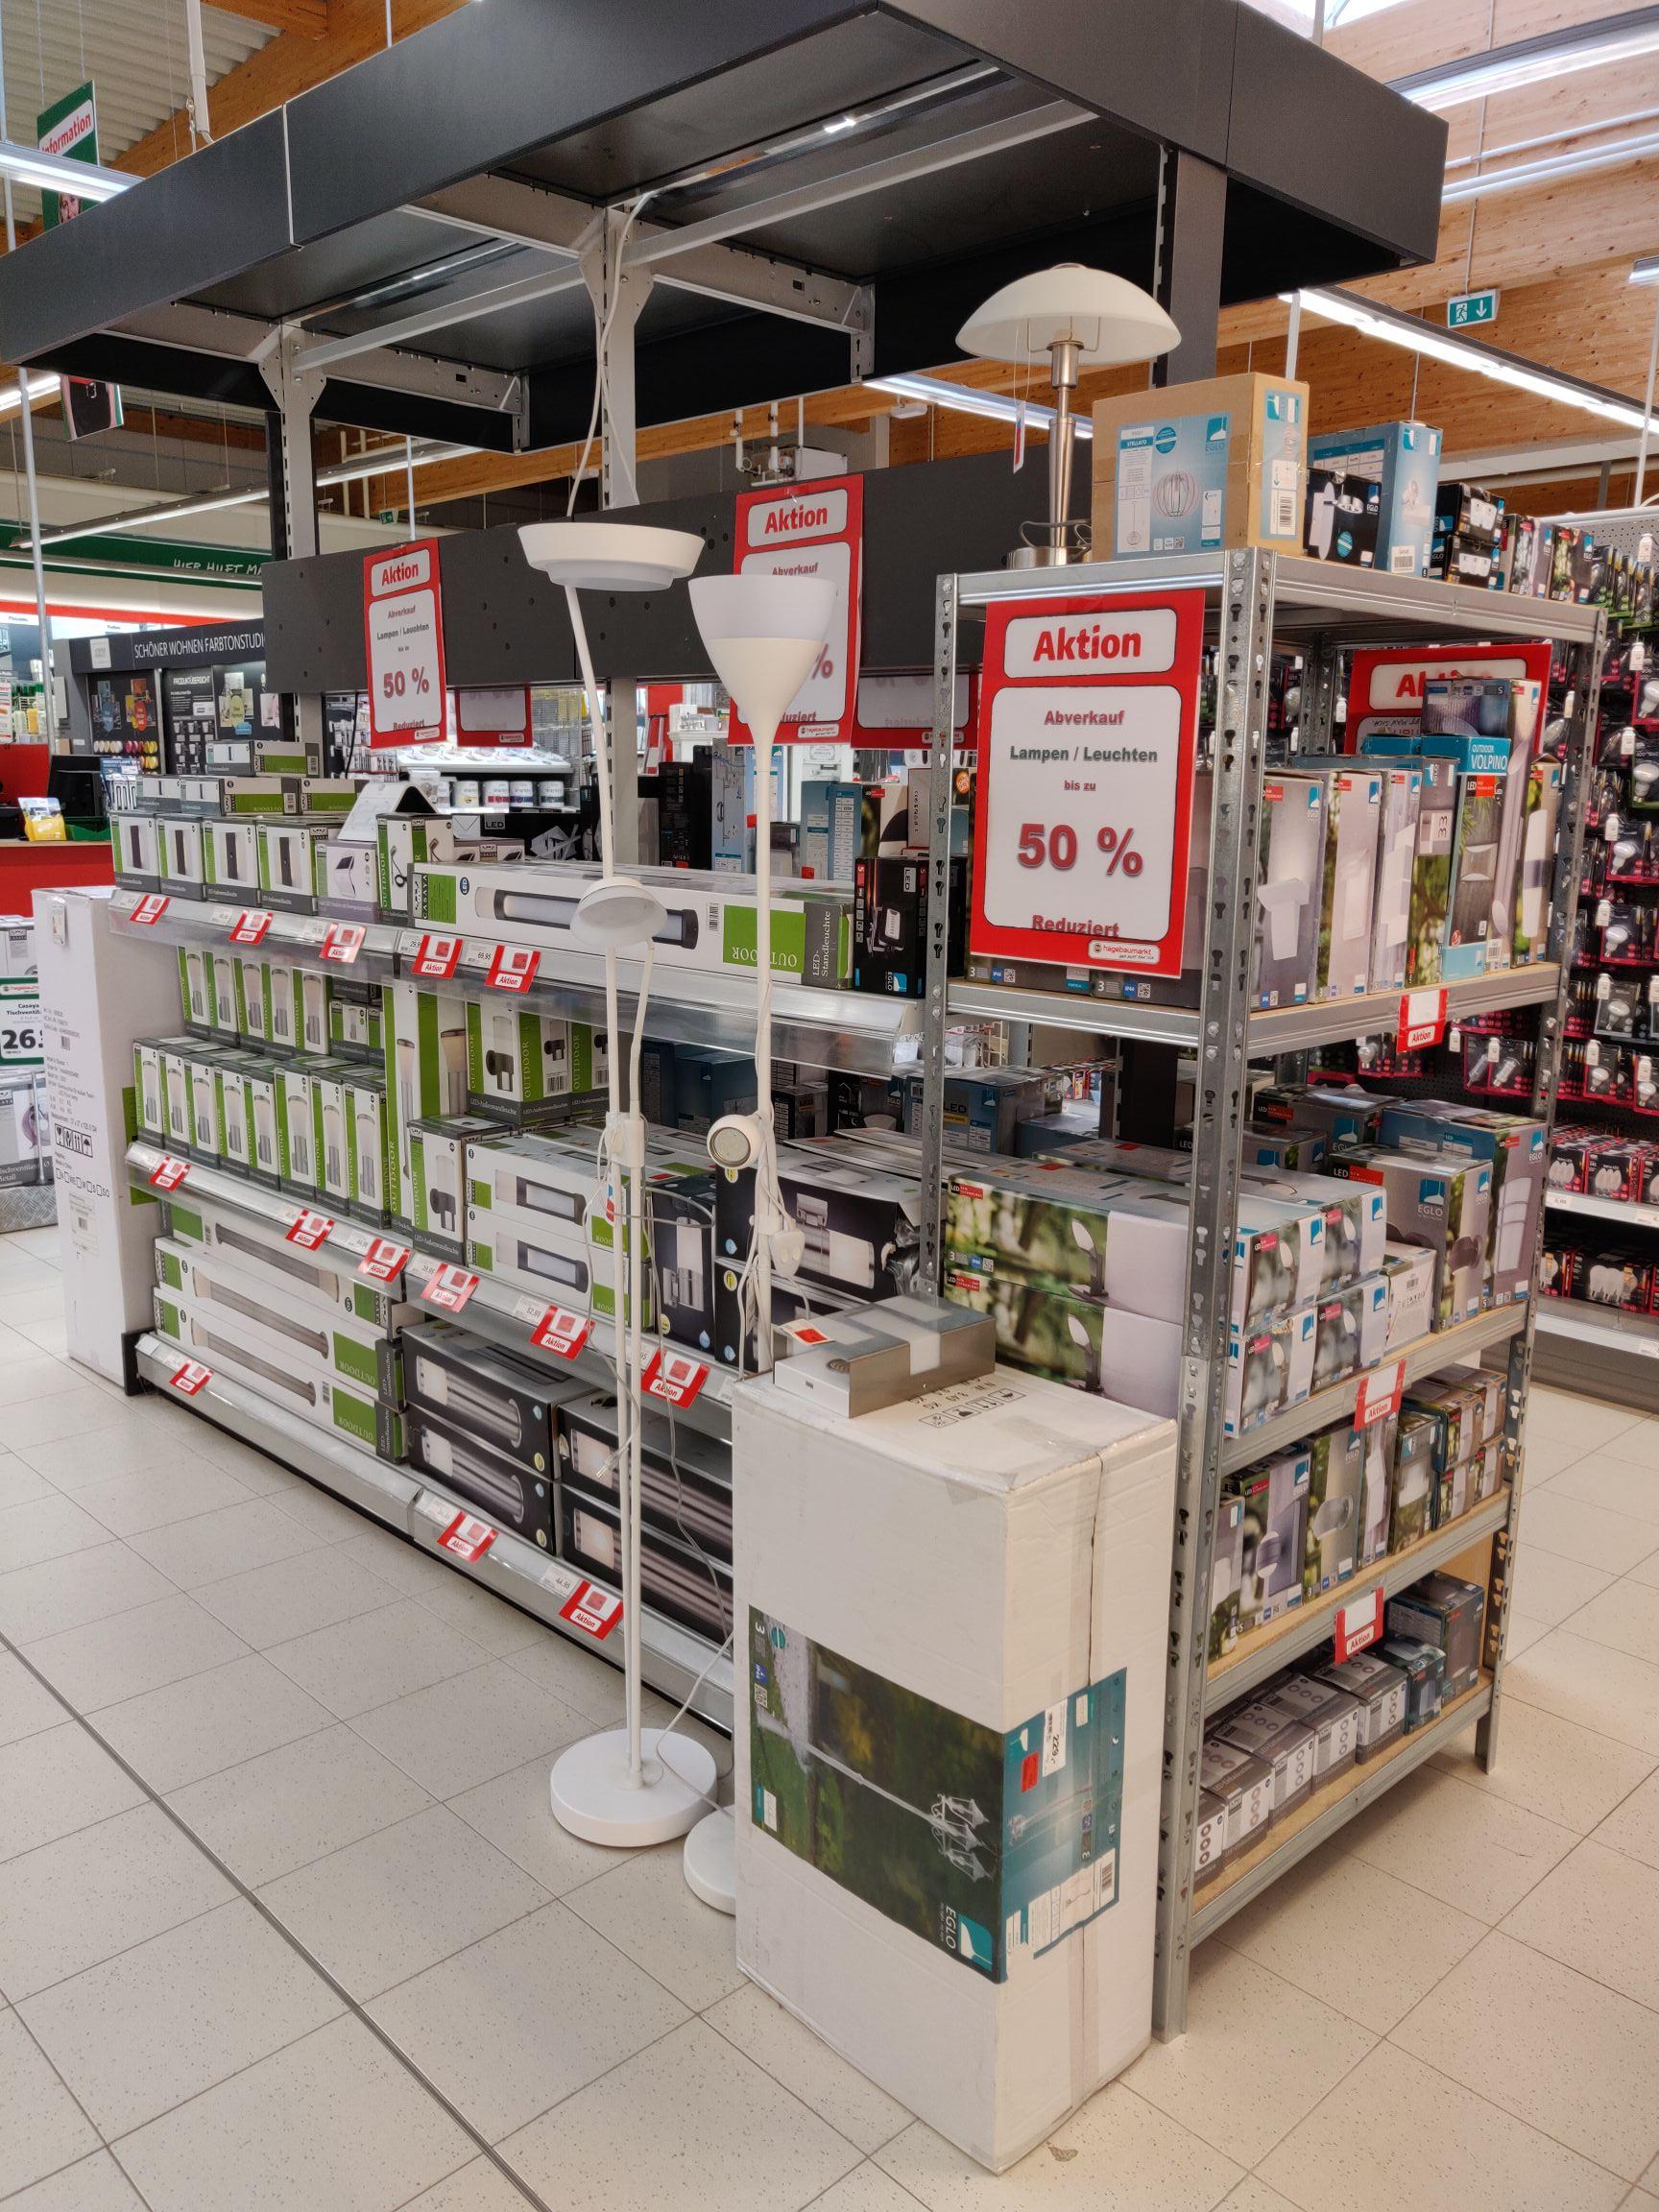 Lokal hagebau Markt Scharbeutz - Abverkauf Lampen Leuchten bis zu 50% reduziert